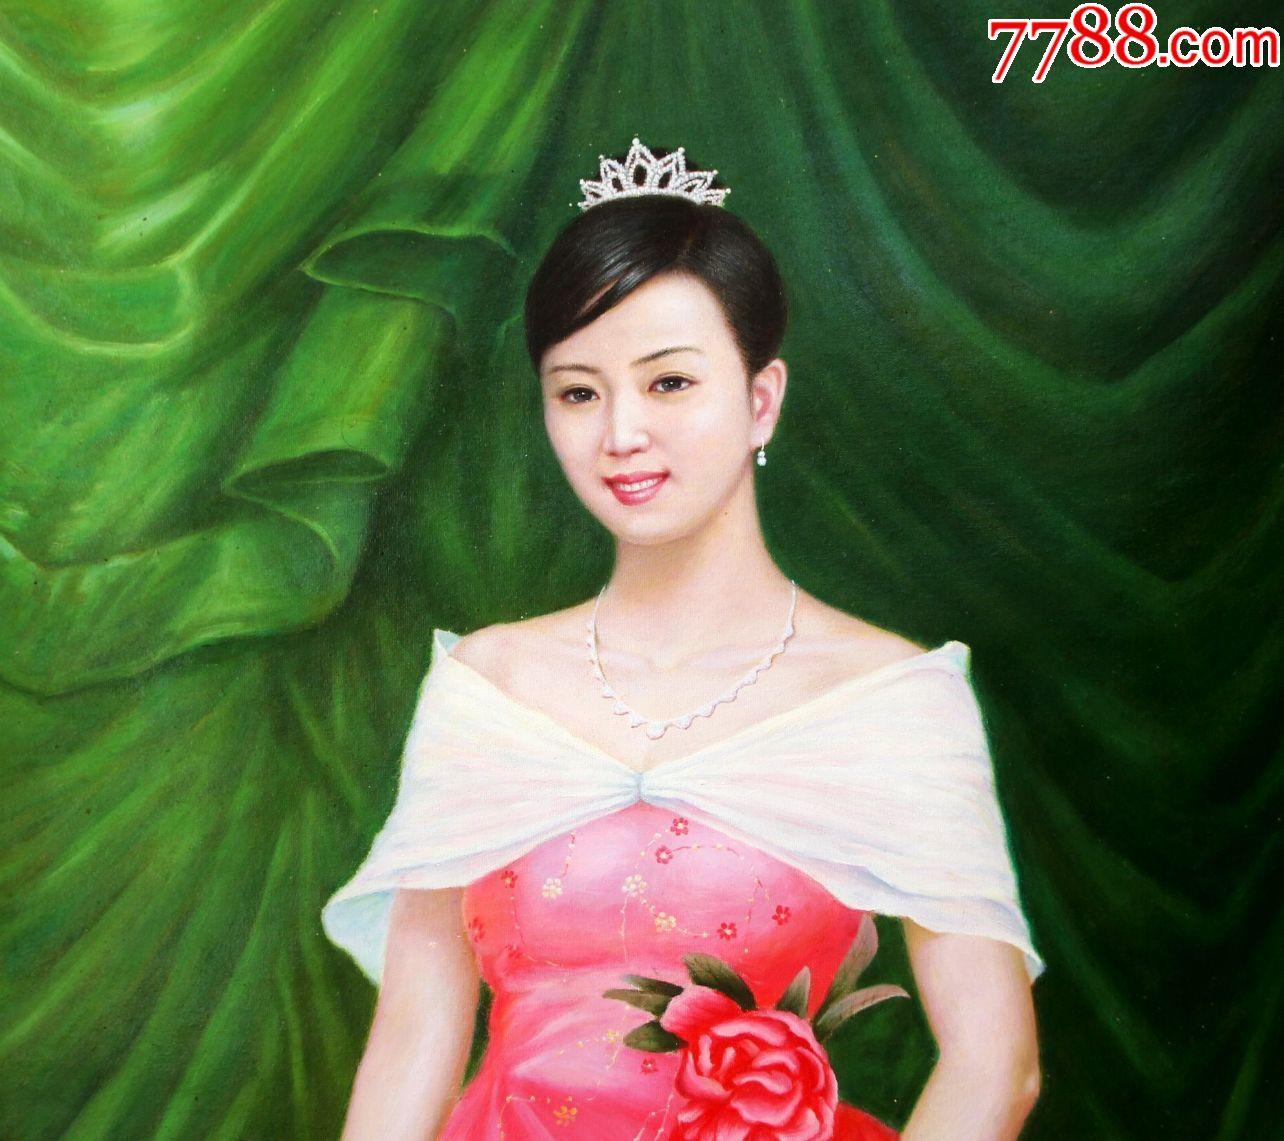 朝鲜画朝鲜油画朝鲜人物油画朝鲜一级艺术家申有美图片